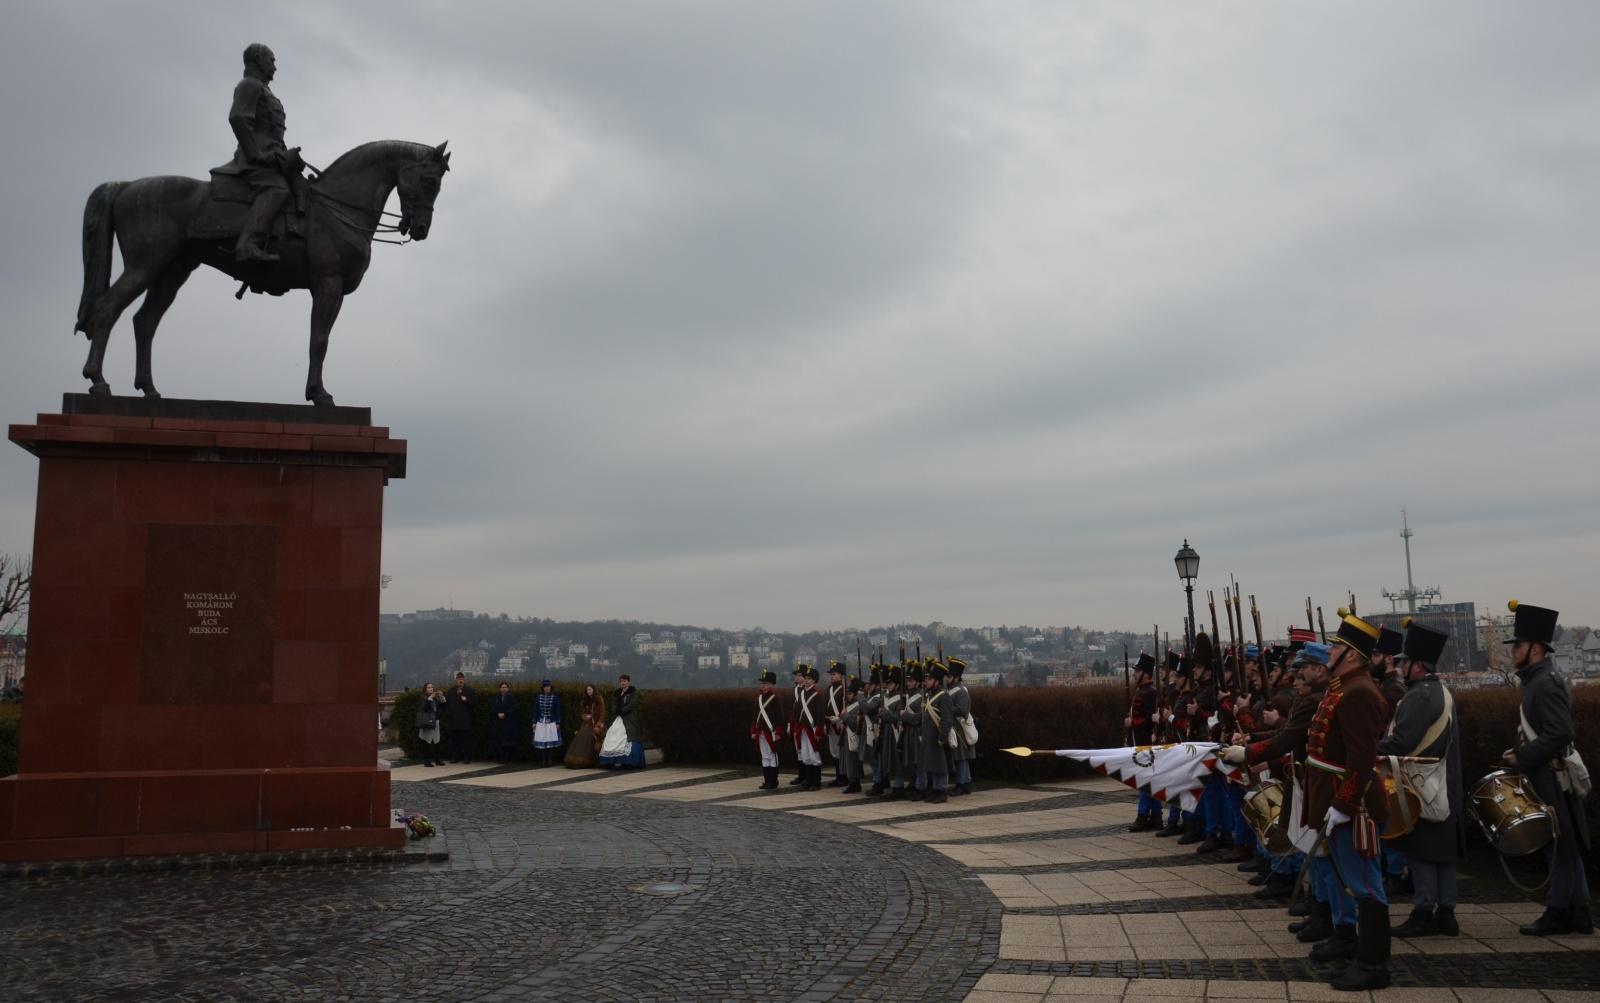 Tisztelgés a Görgei szobornál